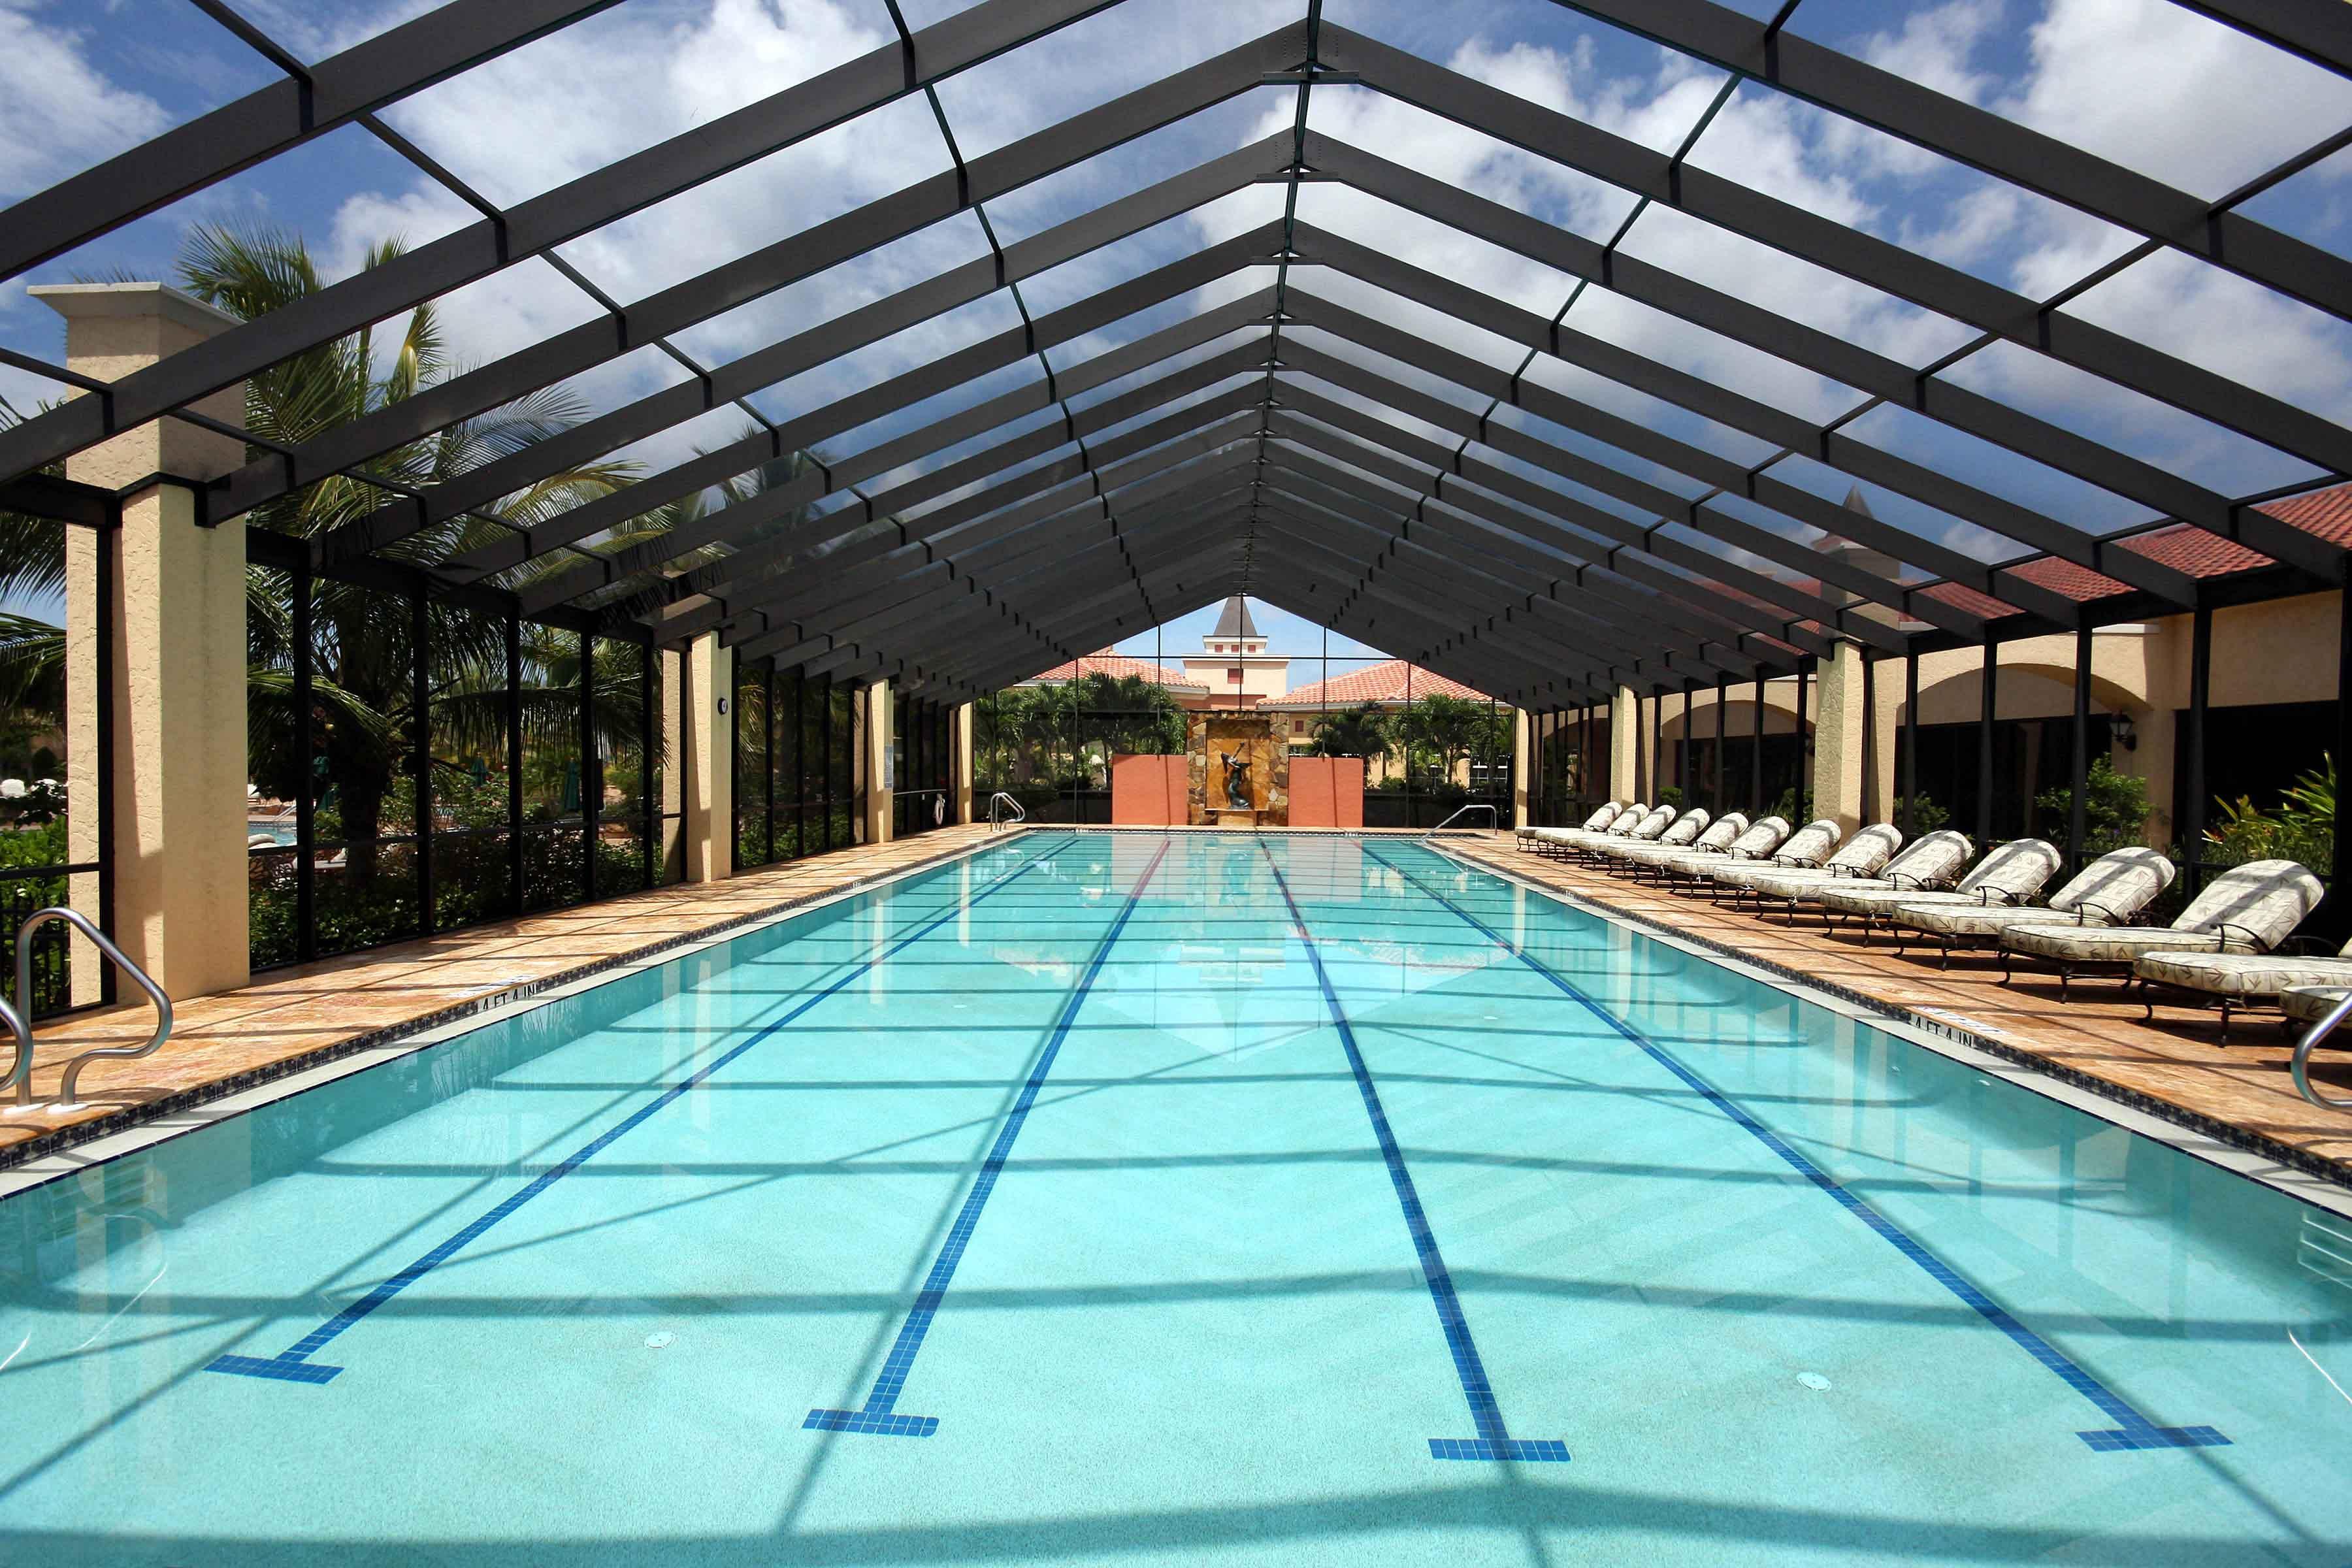 Jackson Pools Florida